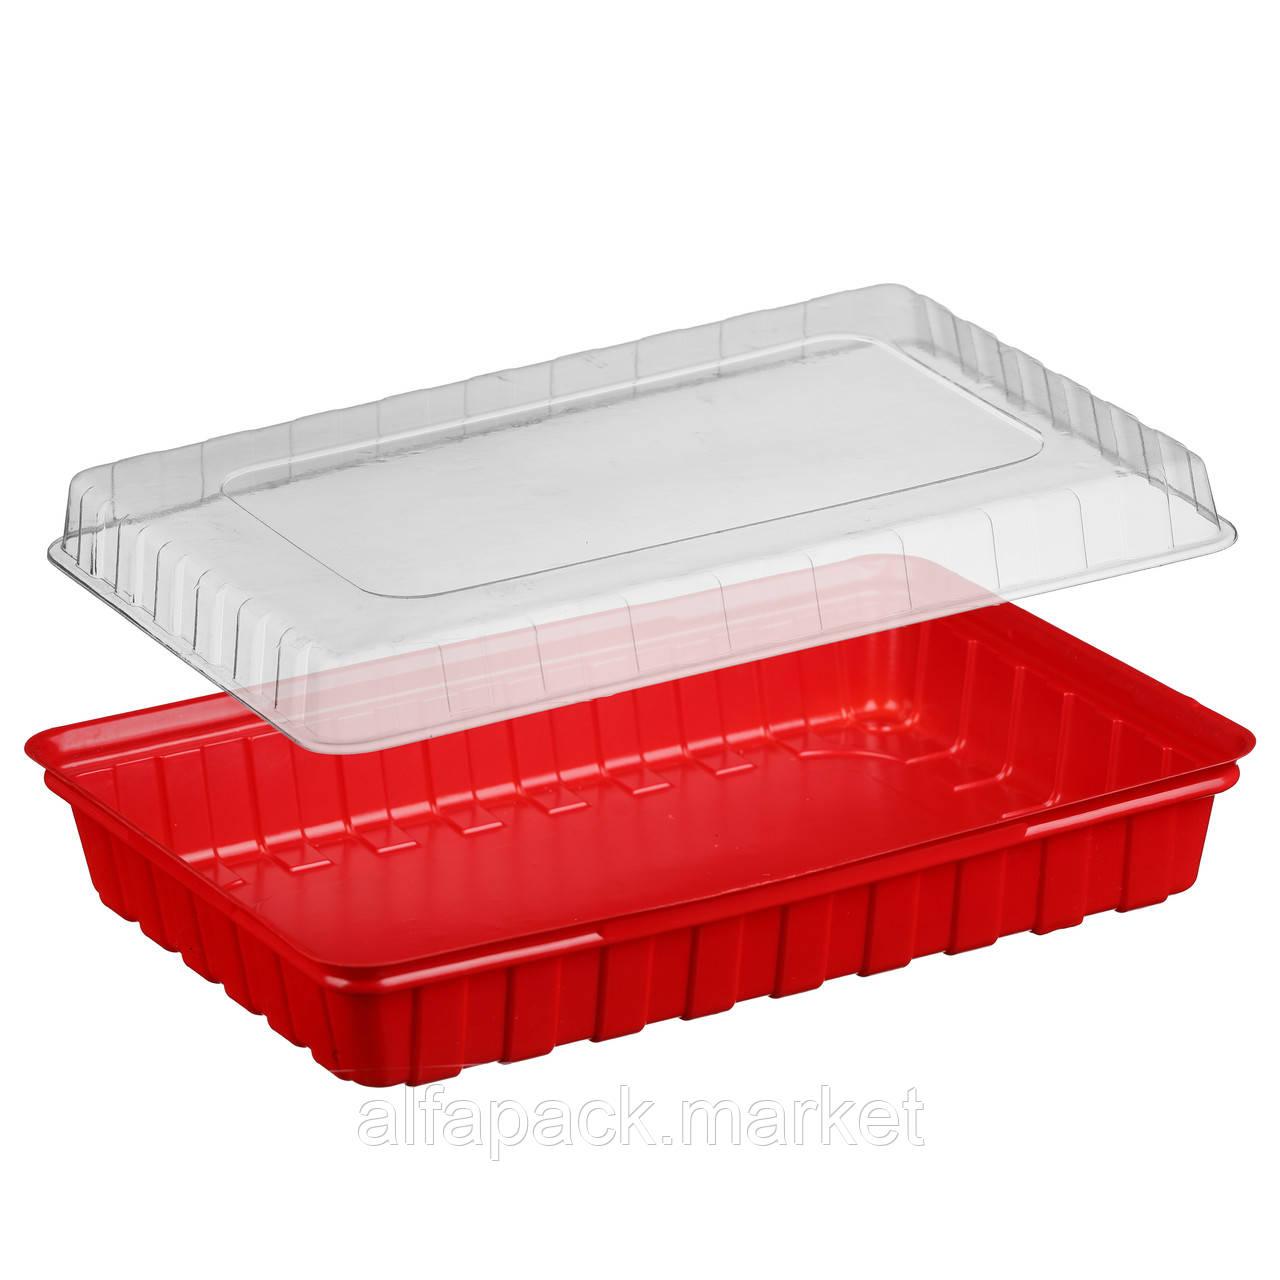 ПС-61 Блистерная упаковка для суши, 278*195*40 (180 шт в упаковке)